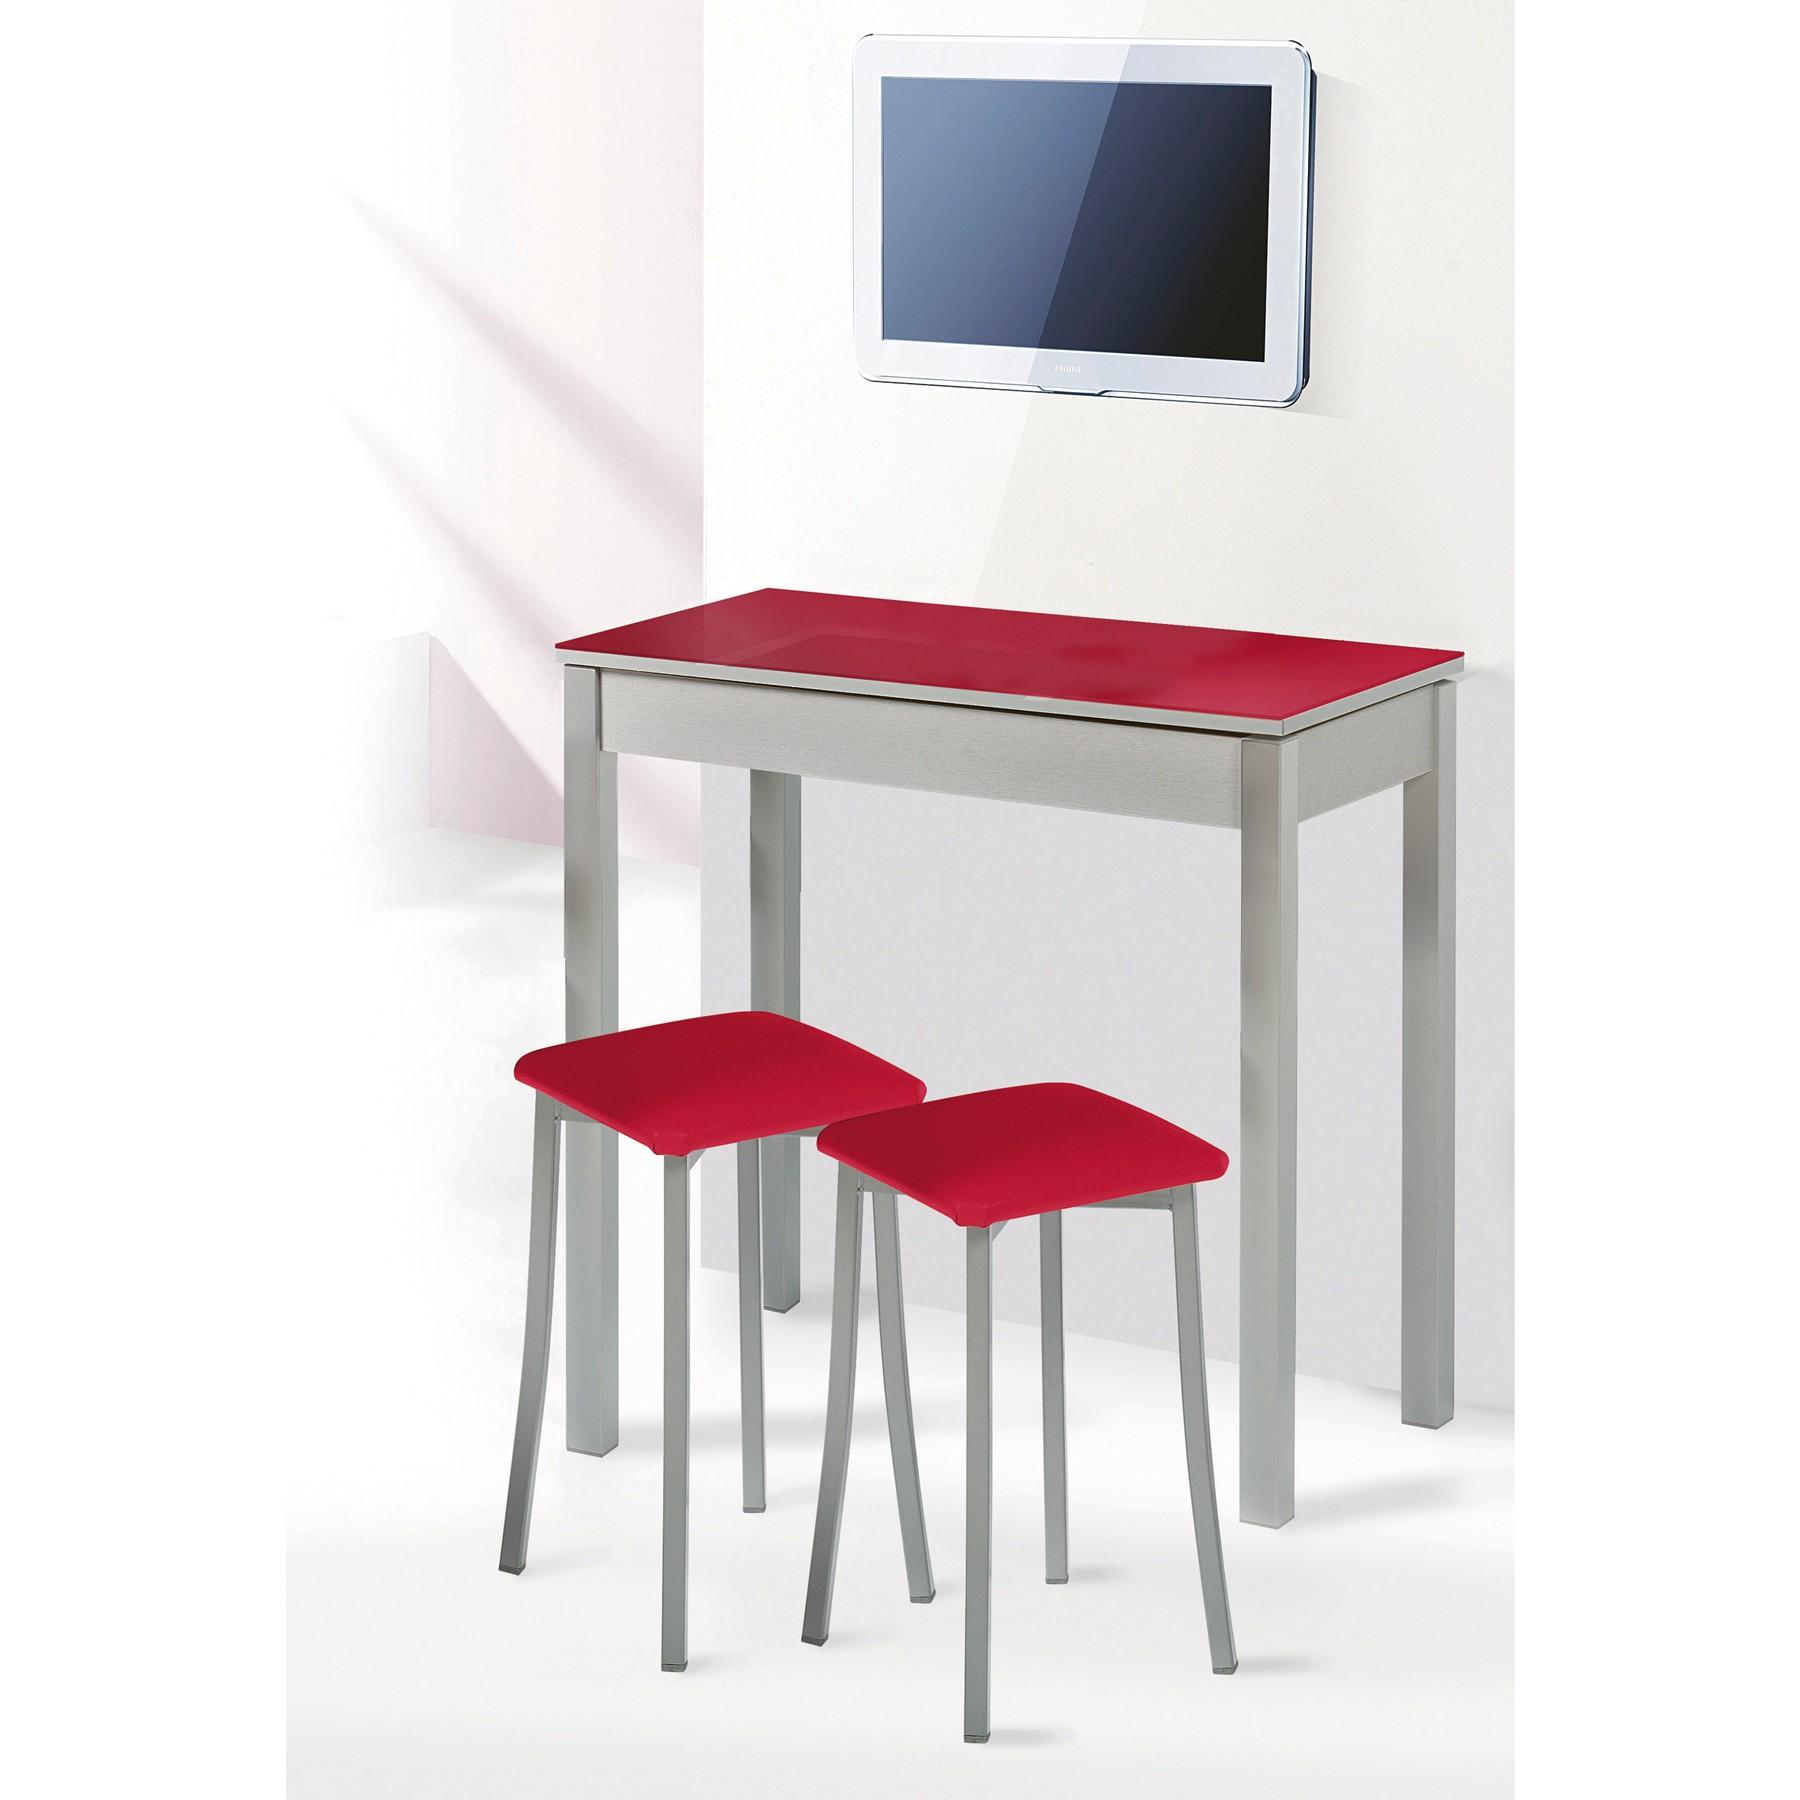 Mesa de cocina fija y taburetes modelo liborno espacios for Mesas de cocina extensibles